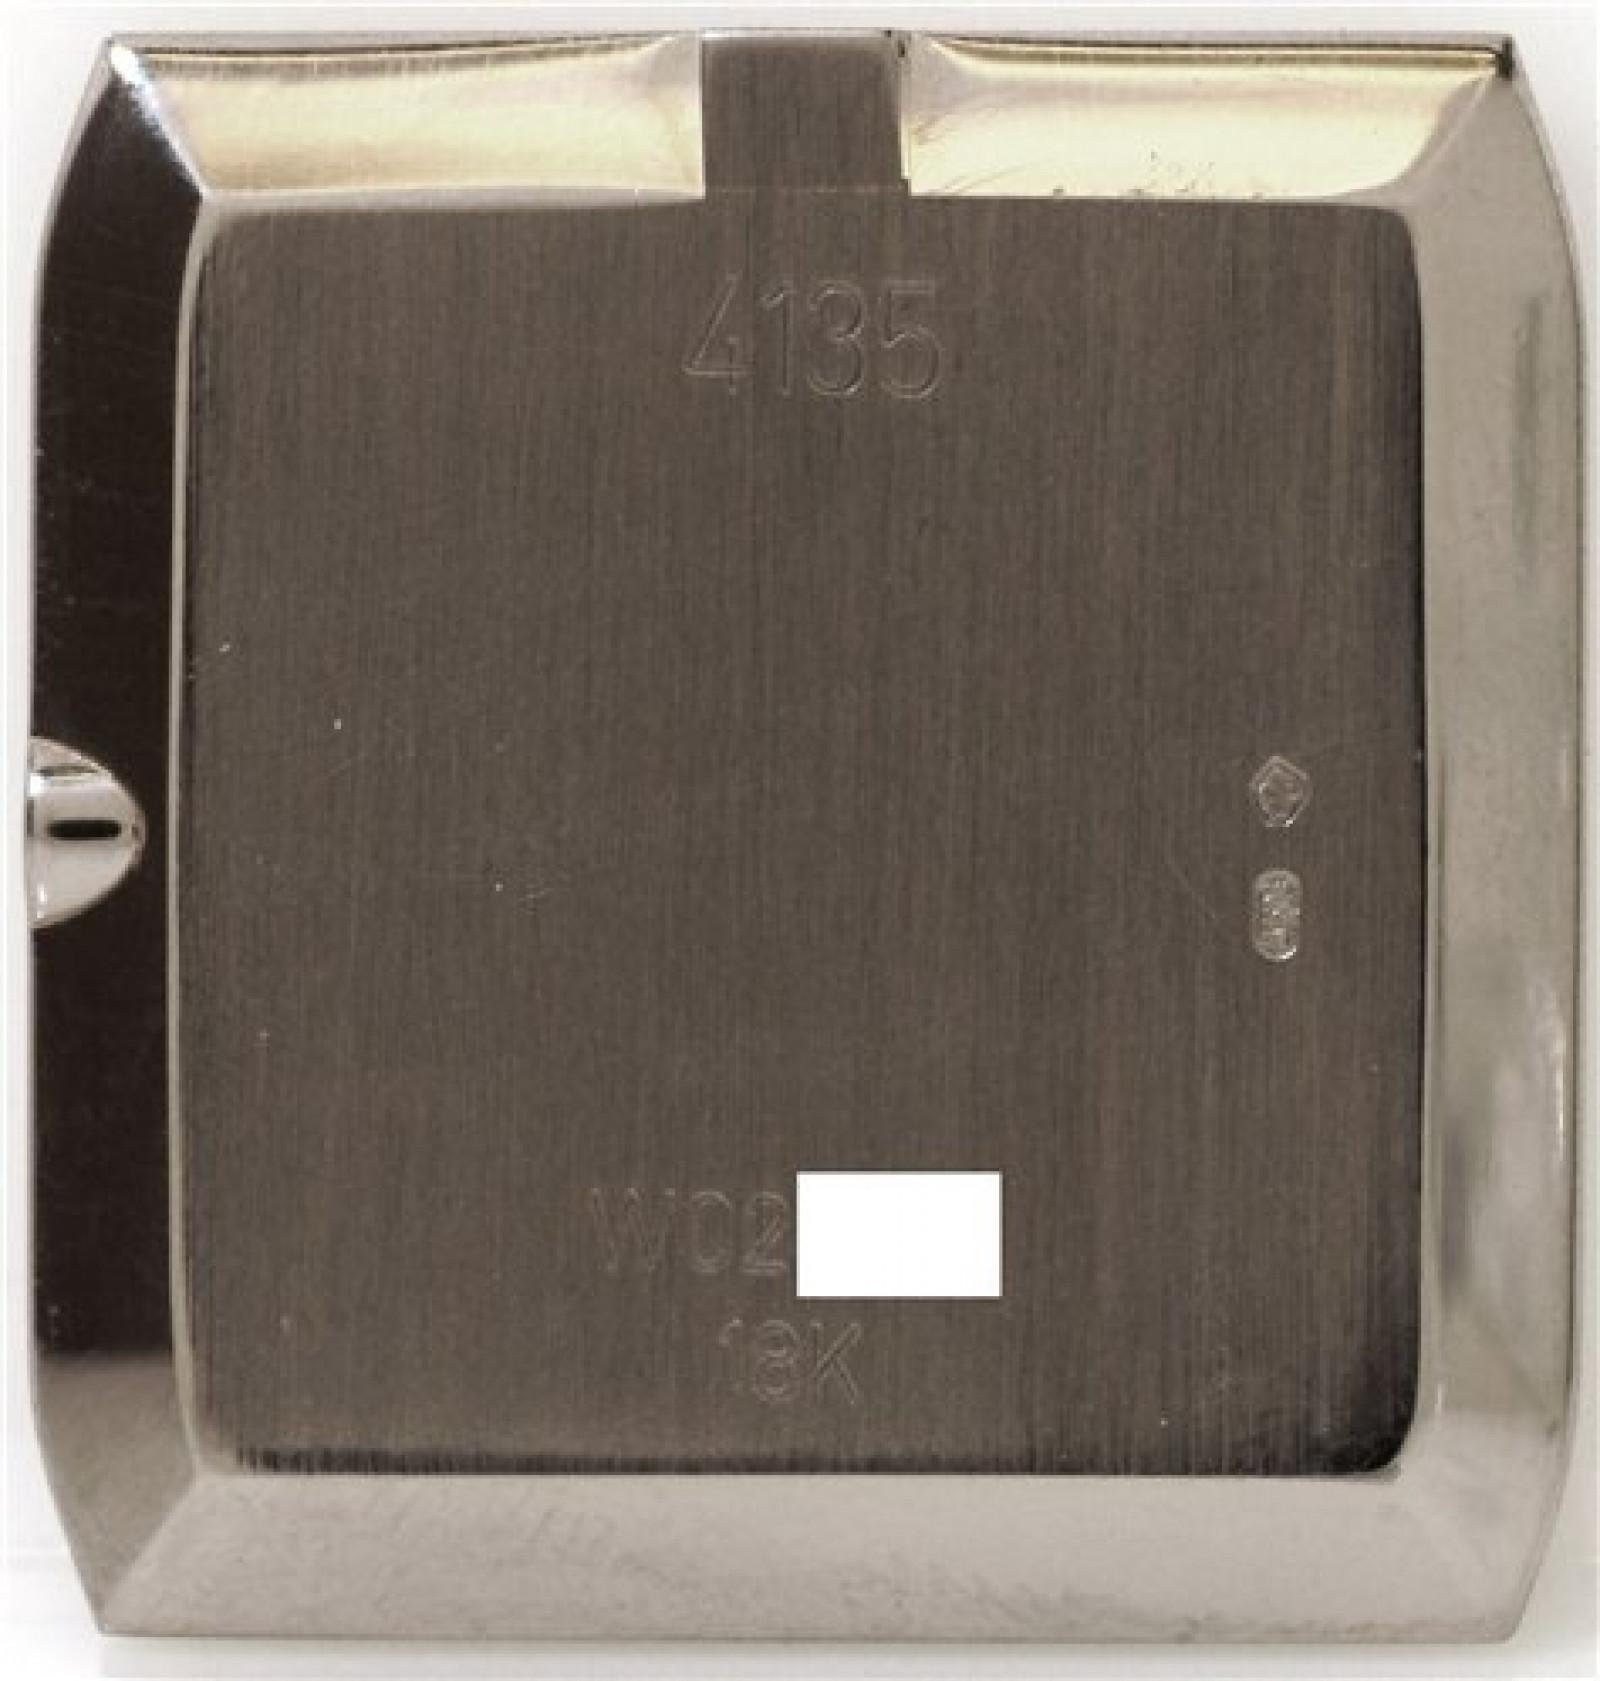 Rolex Cellini 4135 Gold 1997